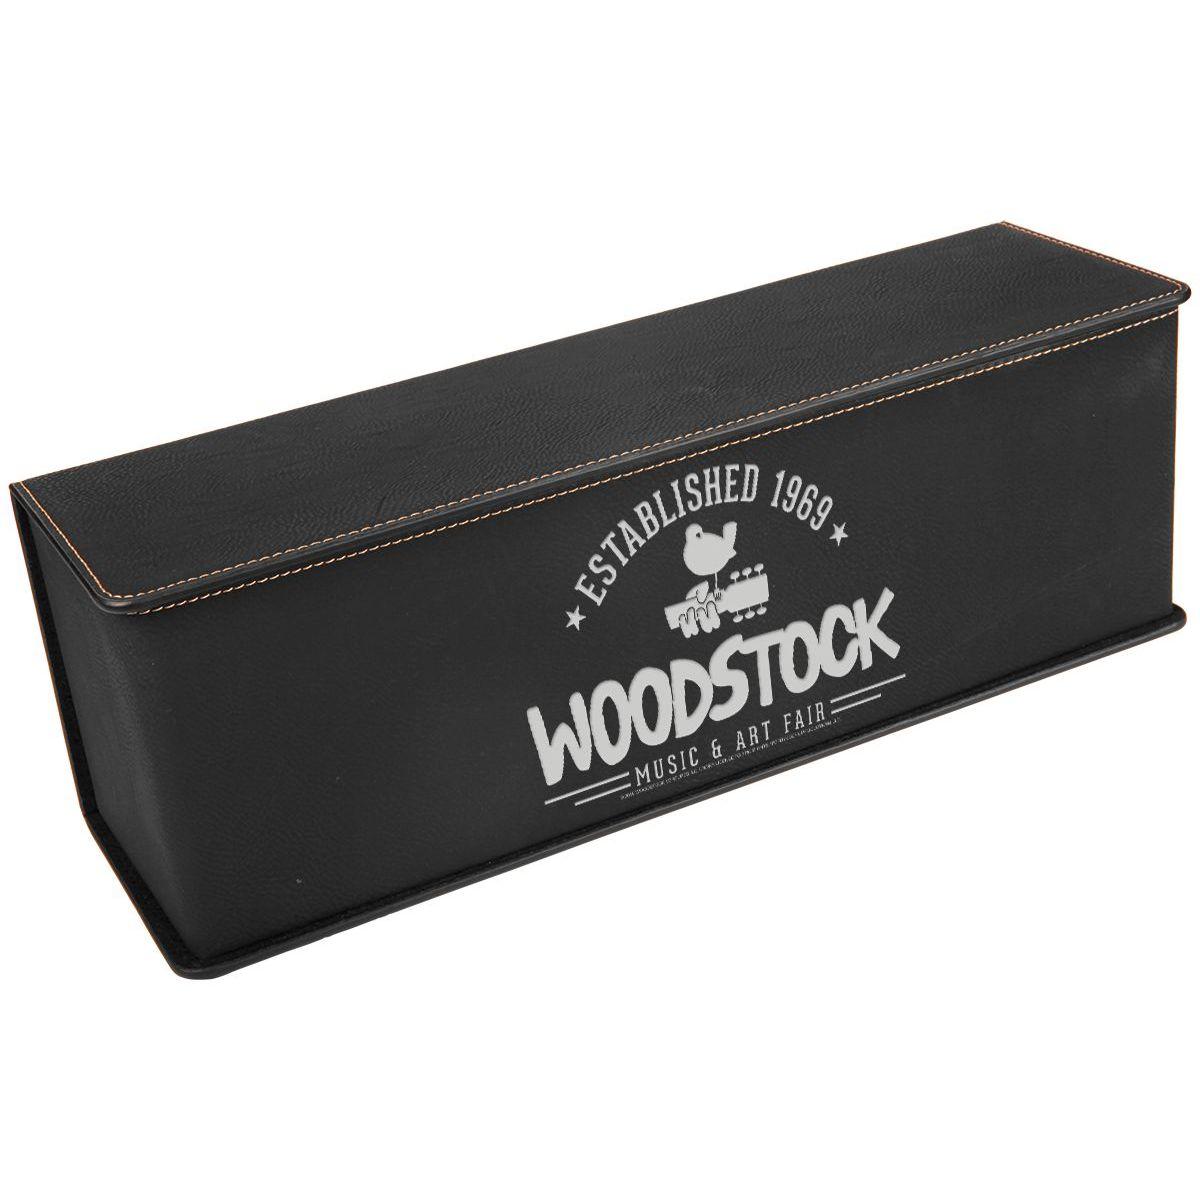 Established 1969 Laser Engraved Wine Box Gift Set